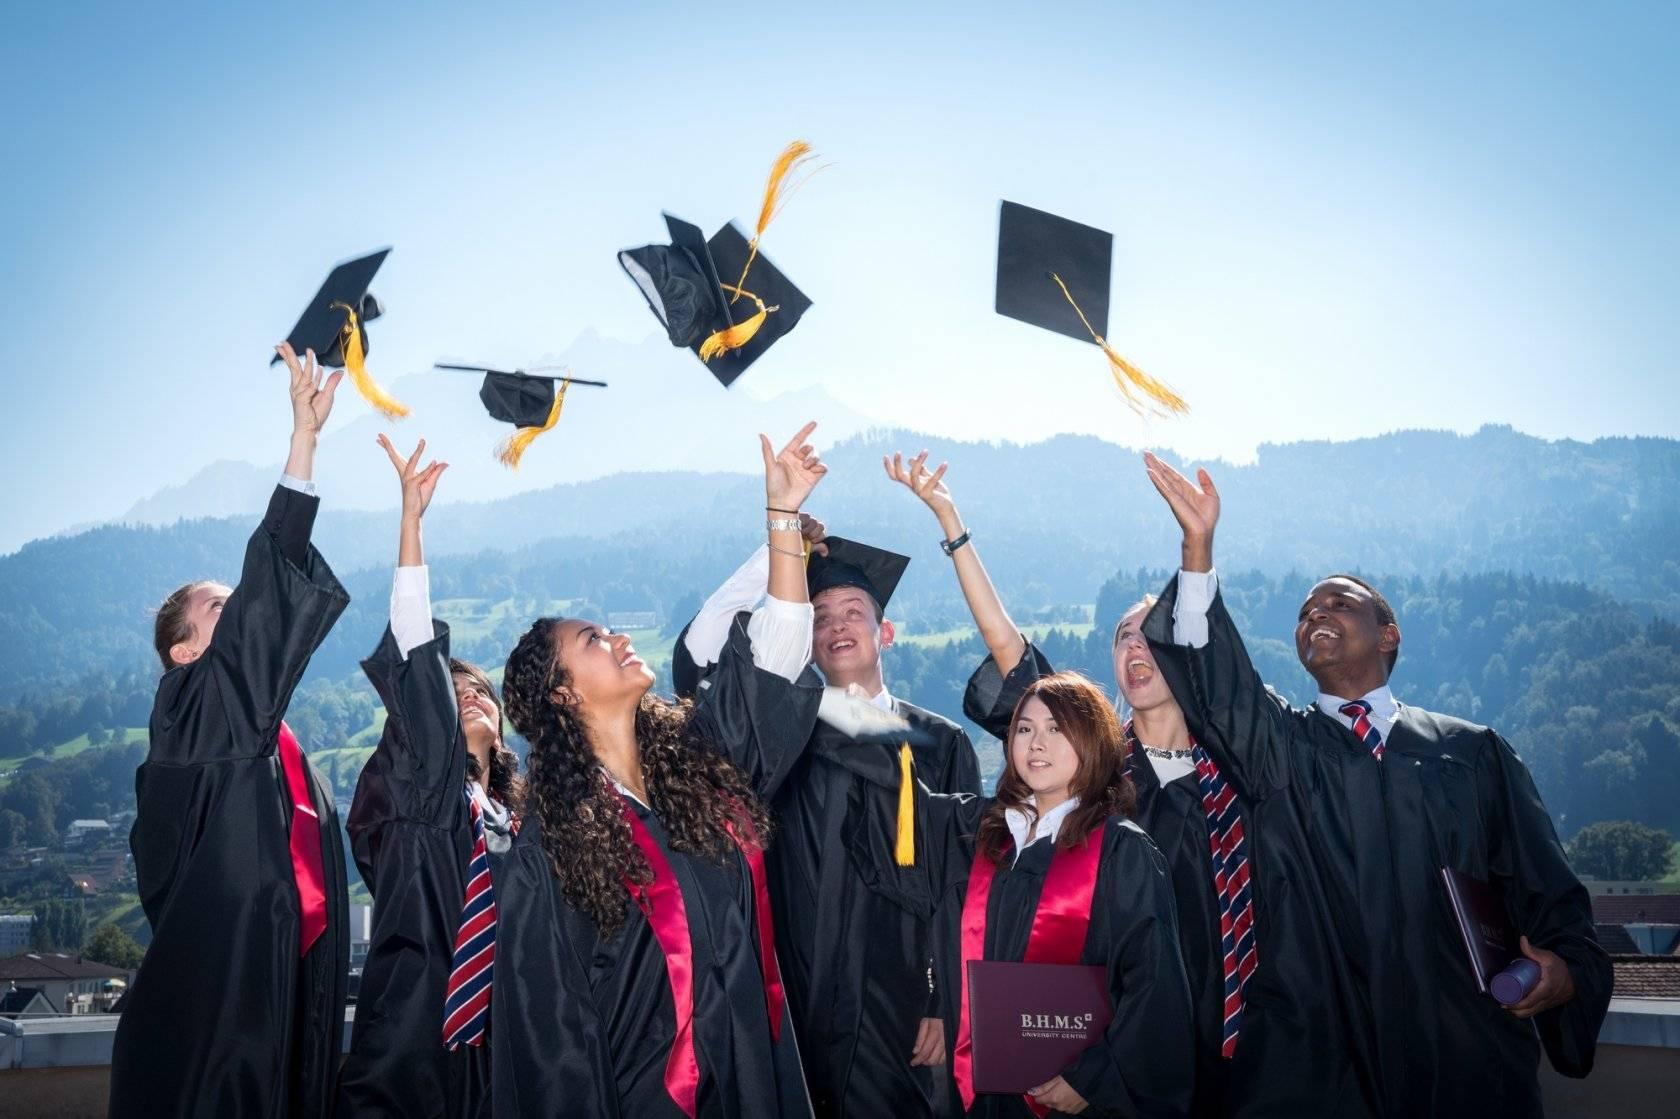 Получите международный диплом об образовании в лучших университетах китая по гранту